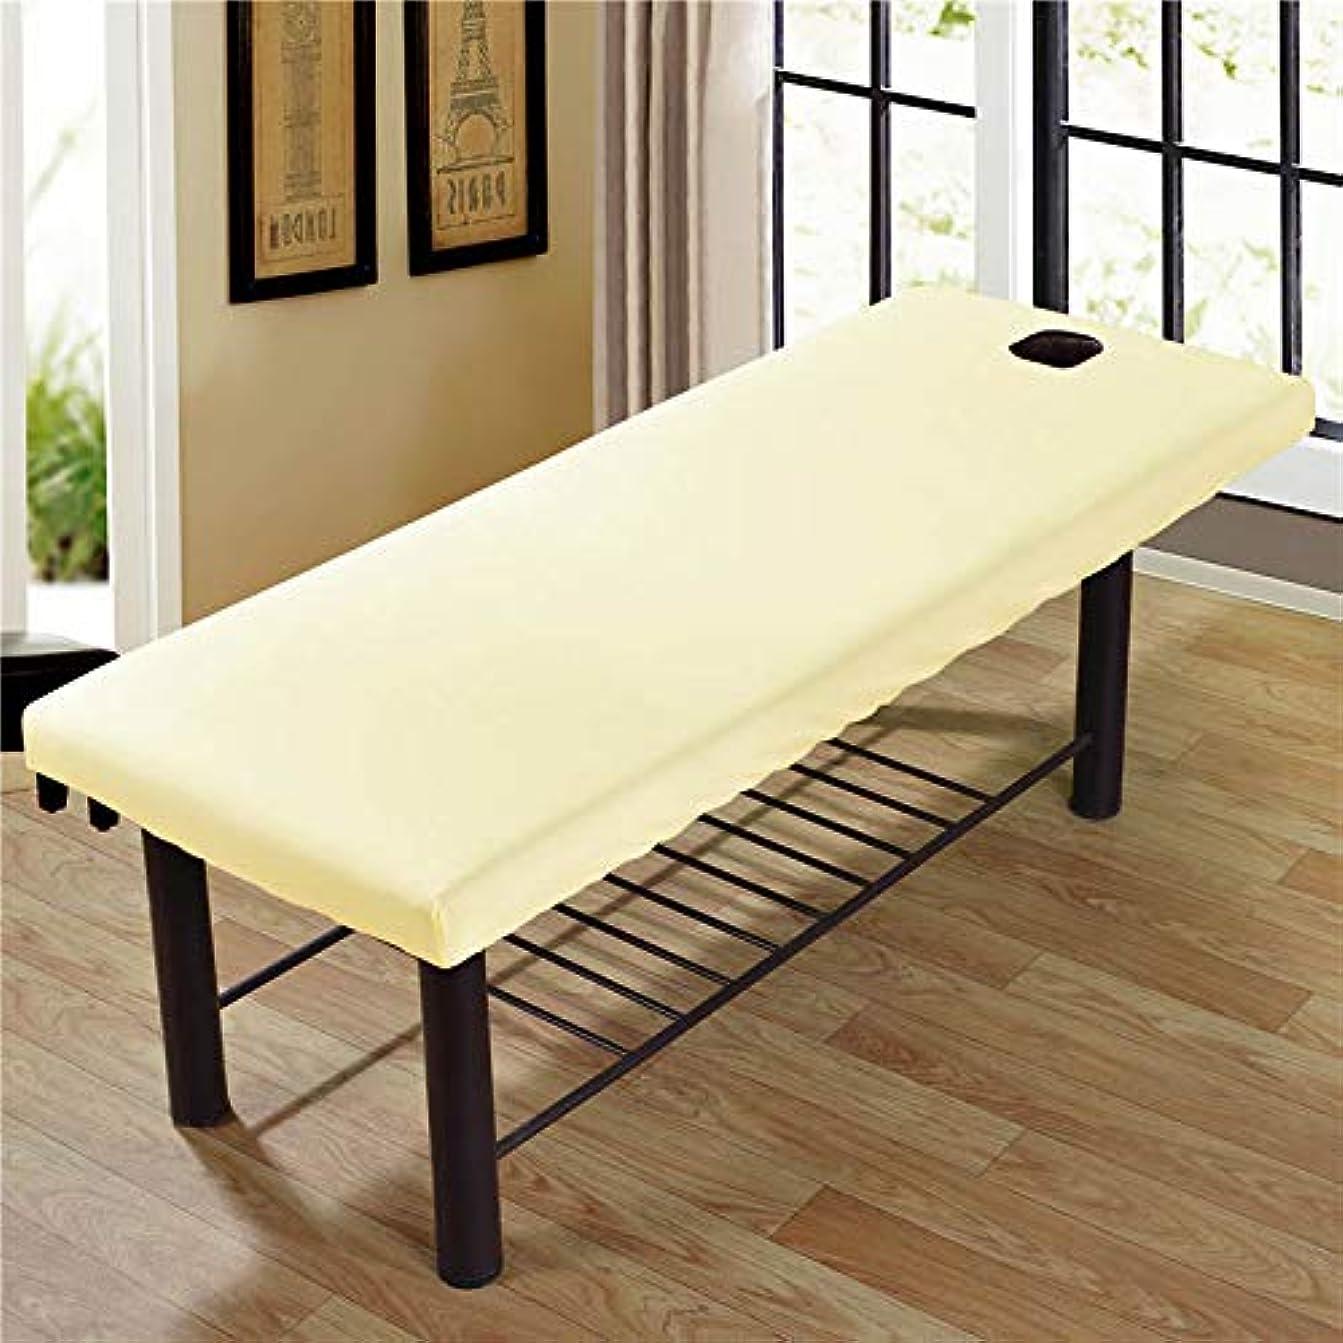 ストリーム乗り出す再生CoolTack  美容院のマッサージ療法のベッドのための柔らかいSoliod色の長方形のマットレス